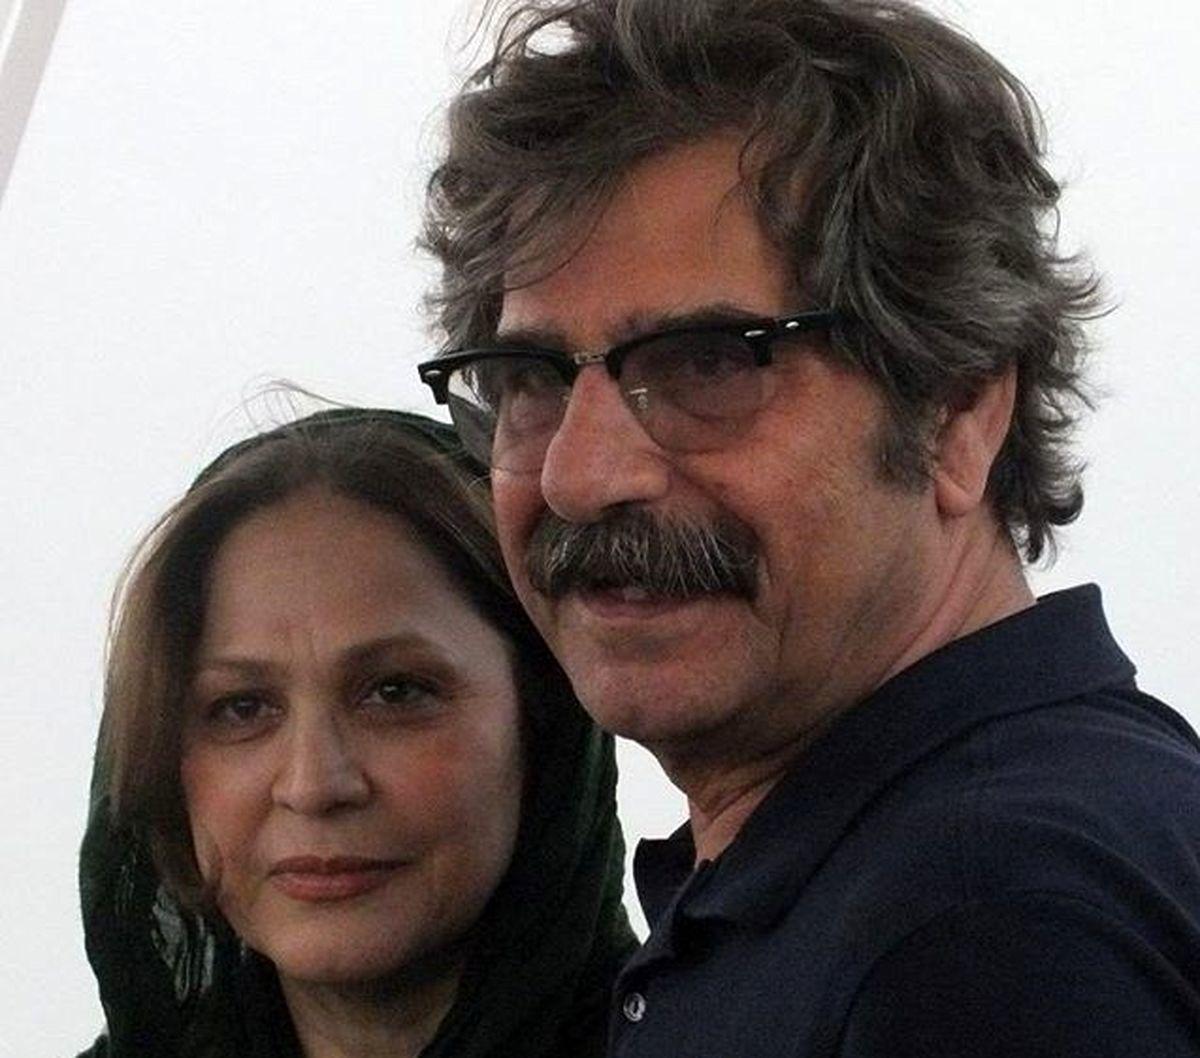 فوری/ عزت الله مهرآوران بازیگر مشهور درگذشت | عکس همسر عزت الله مهرآوران